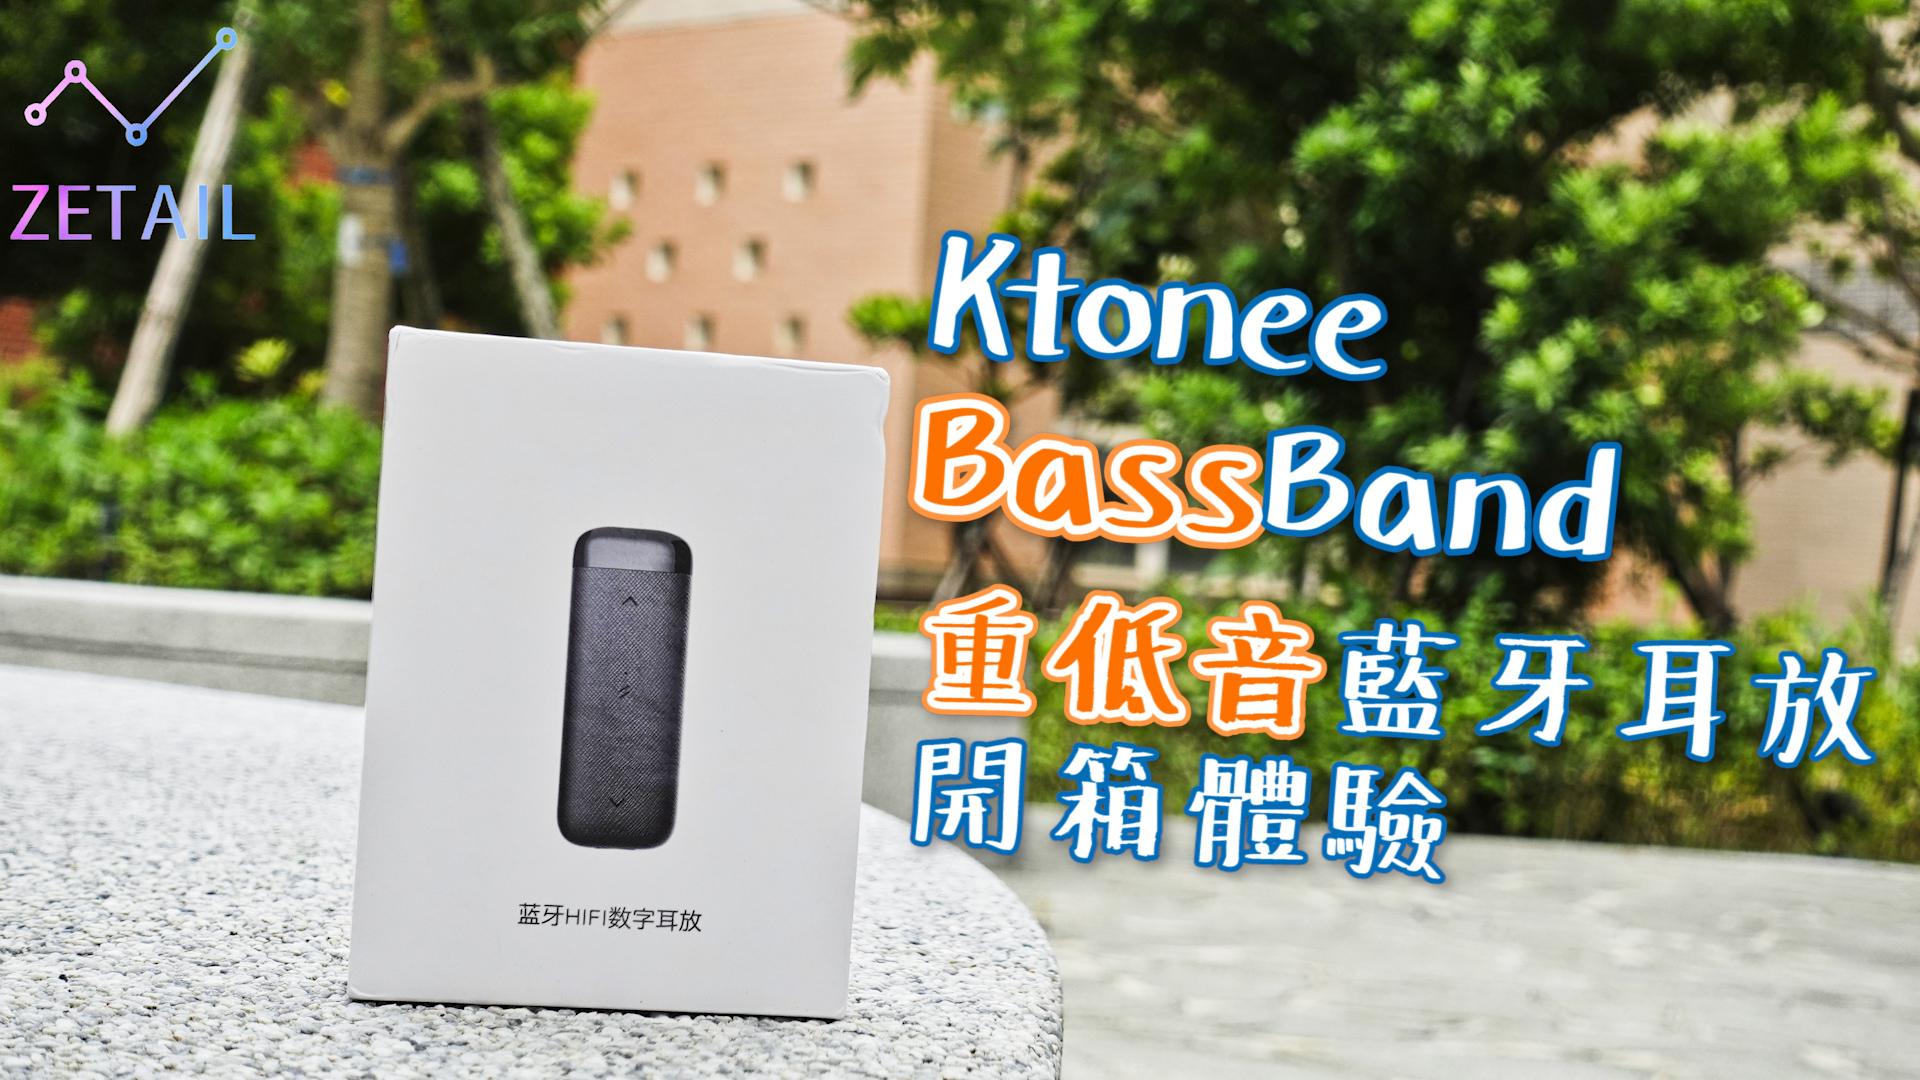 Ktonee BassBand 多彩重低音藍牙耳放 開箱體驗:給你滿滿的重低音